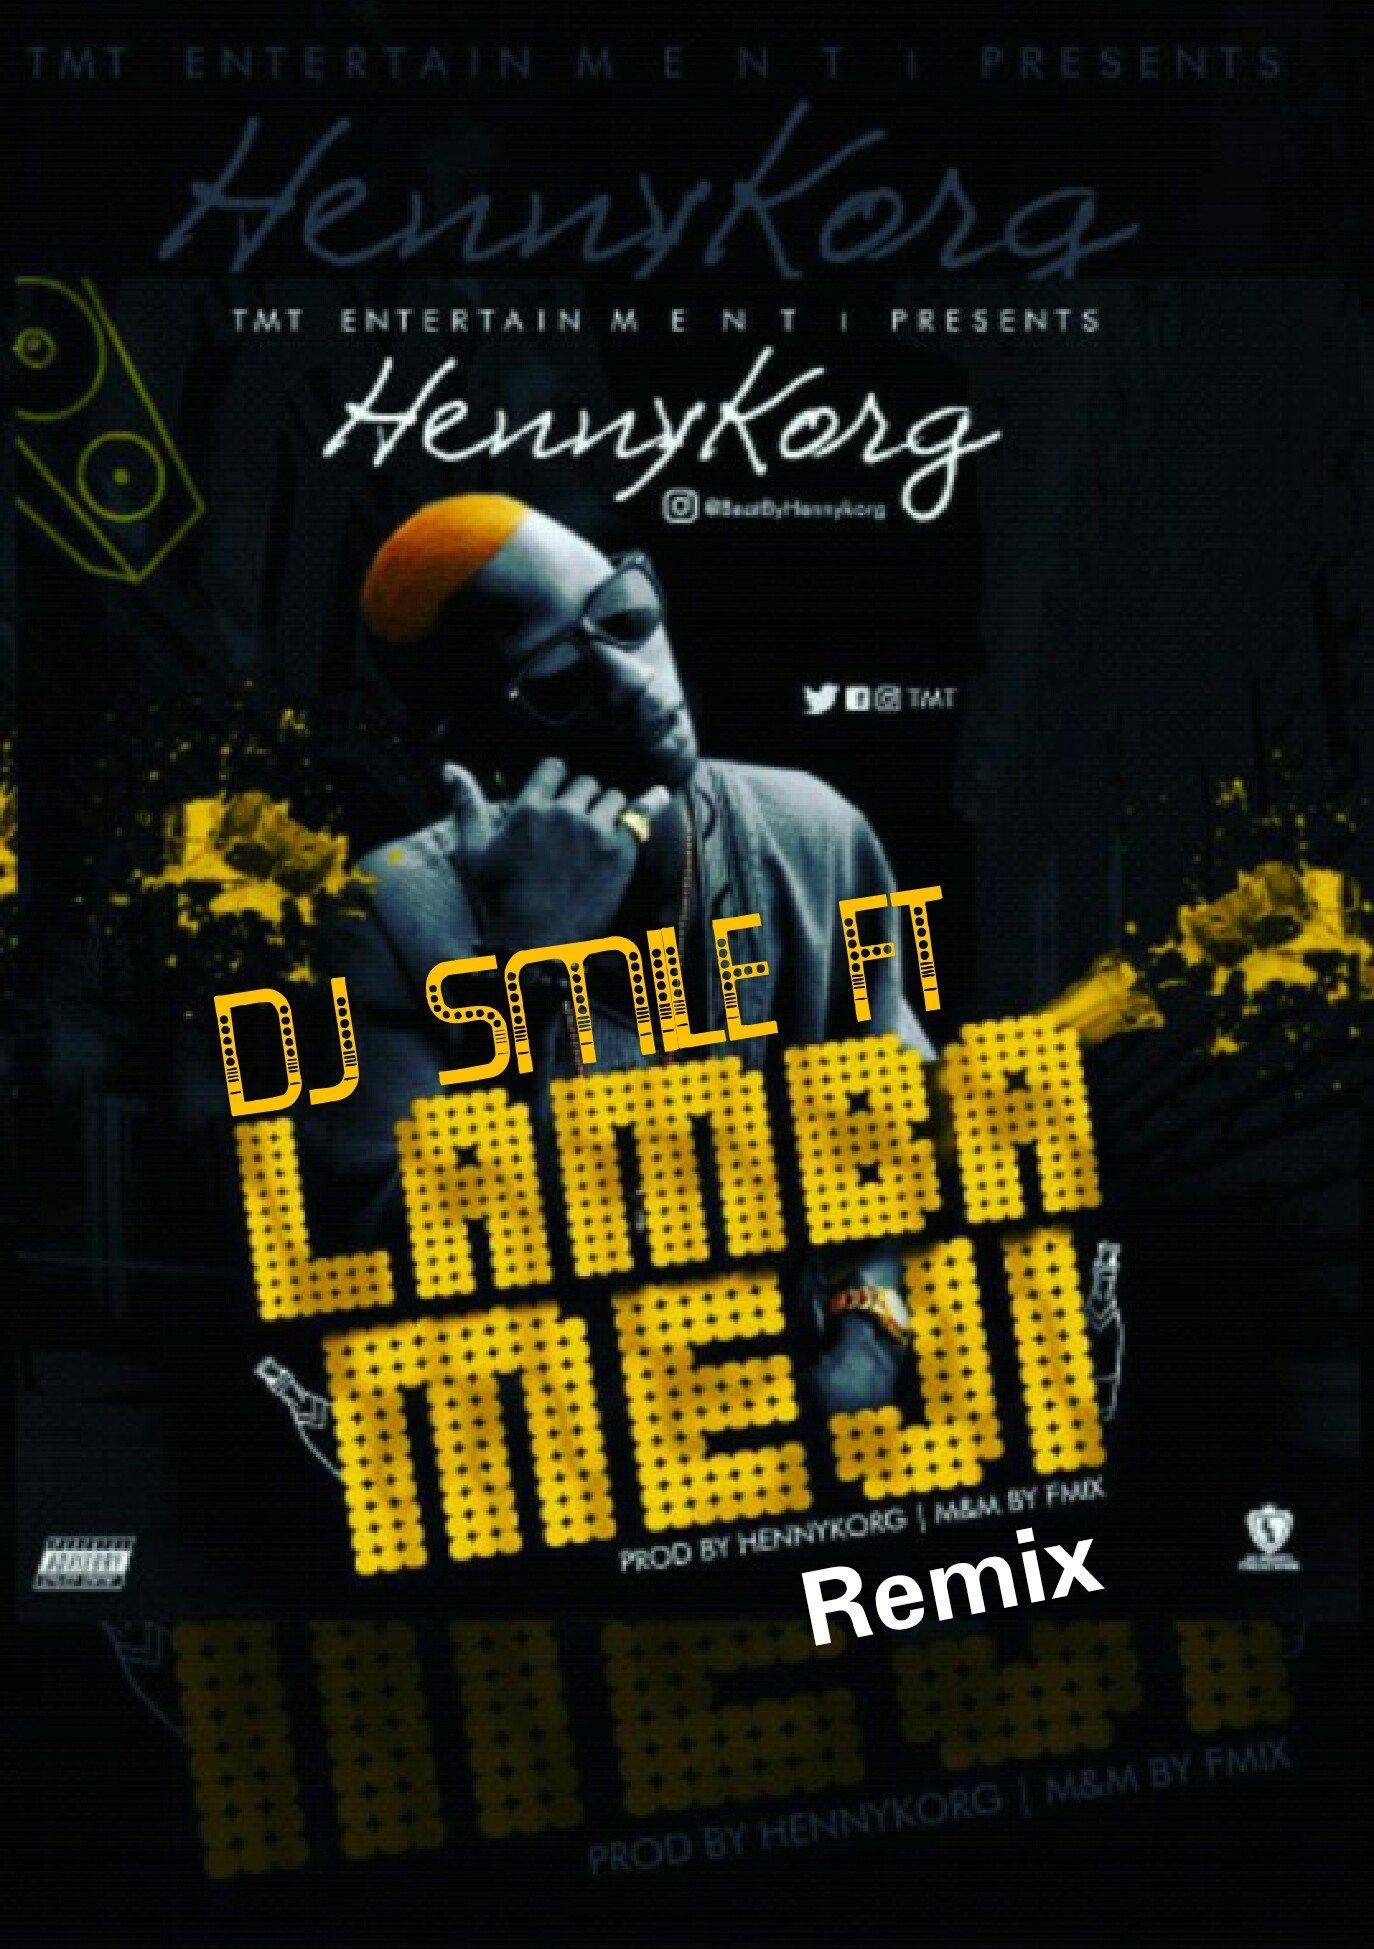 DJ SMILE ft Hennykorg Lamba meji remix 08136980516 08087842780